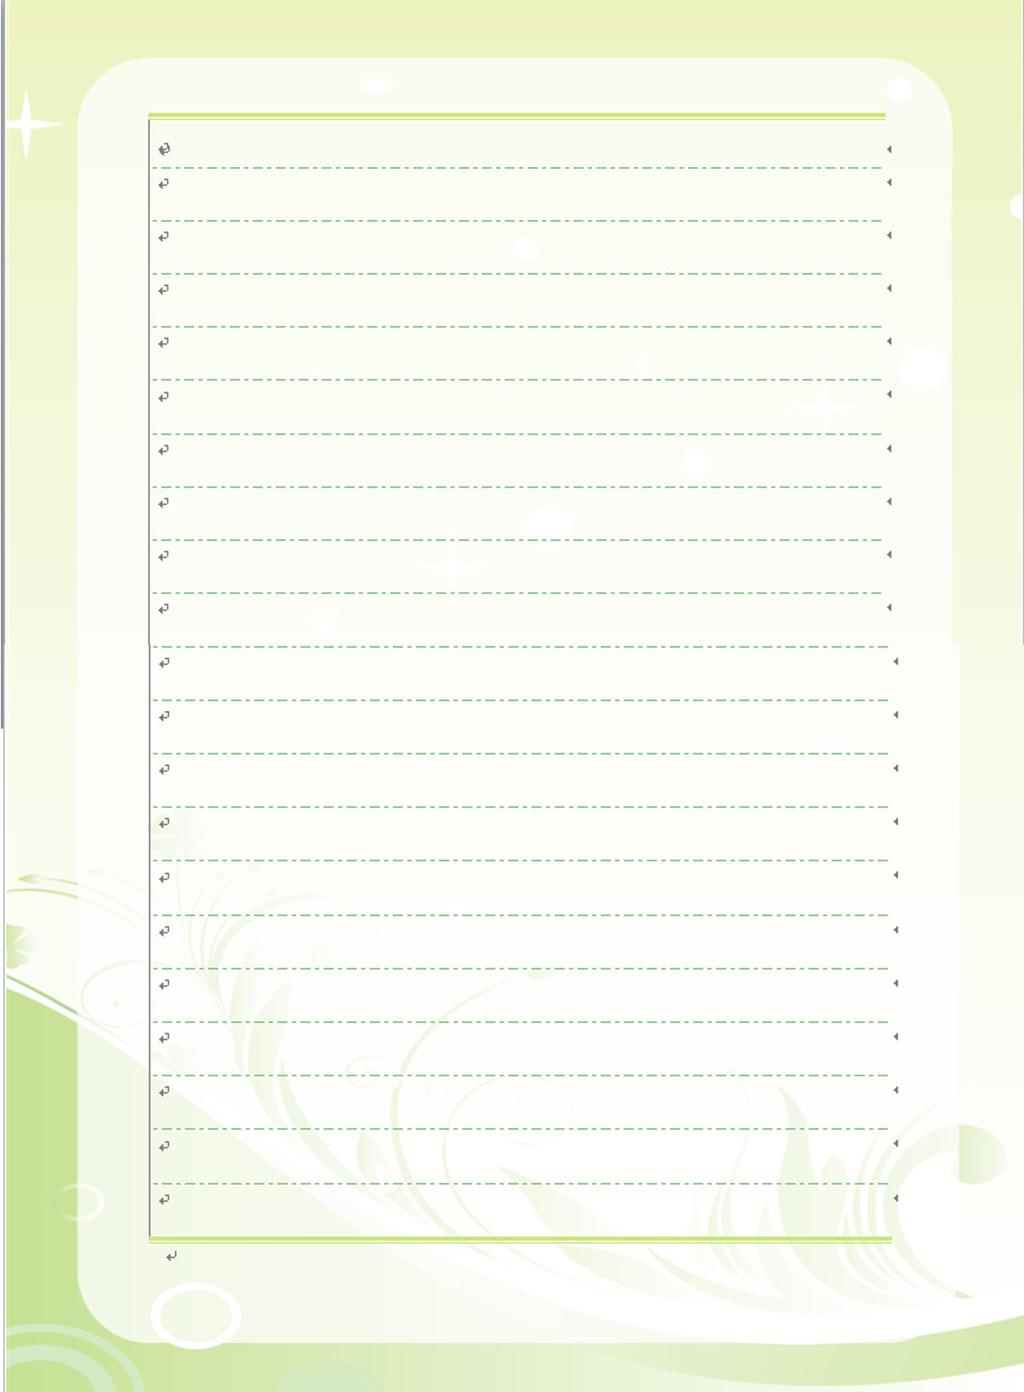 办公|ppt模板 word模板 信纸背景 > 花纹信纸模板  下一张&gt